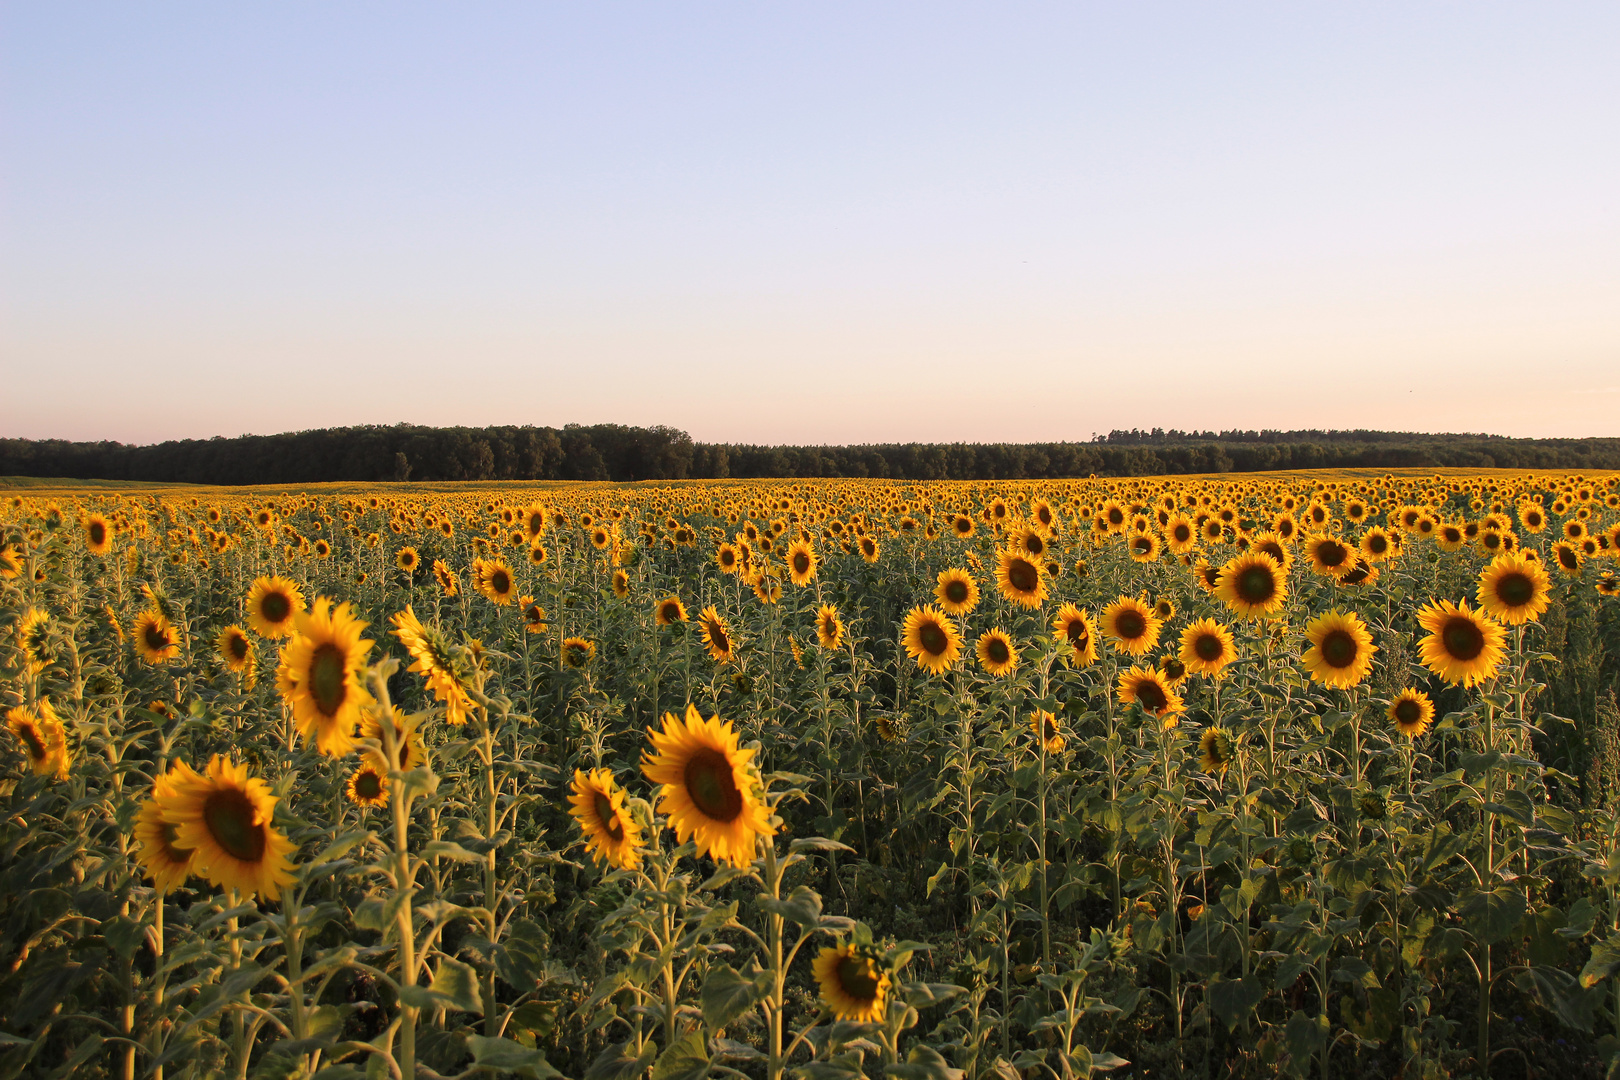 Sommer, Sonne, Sonnenblumen...